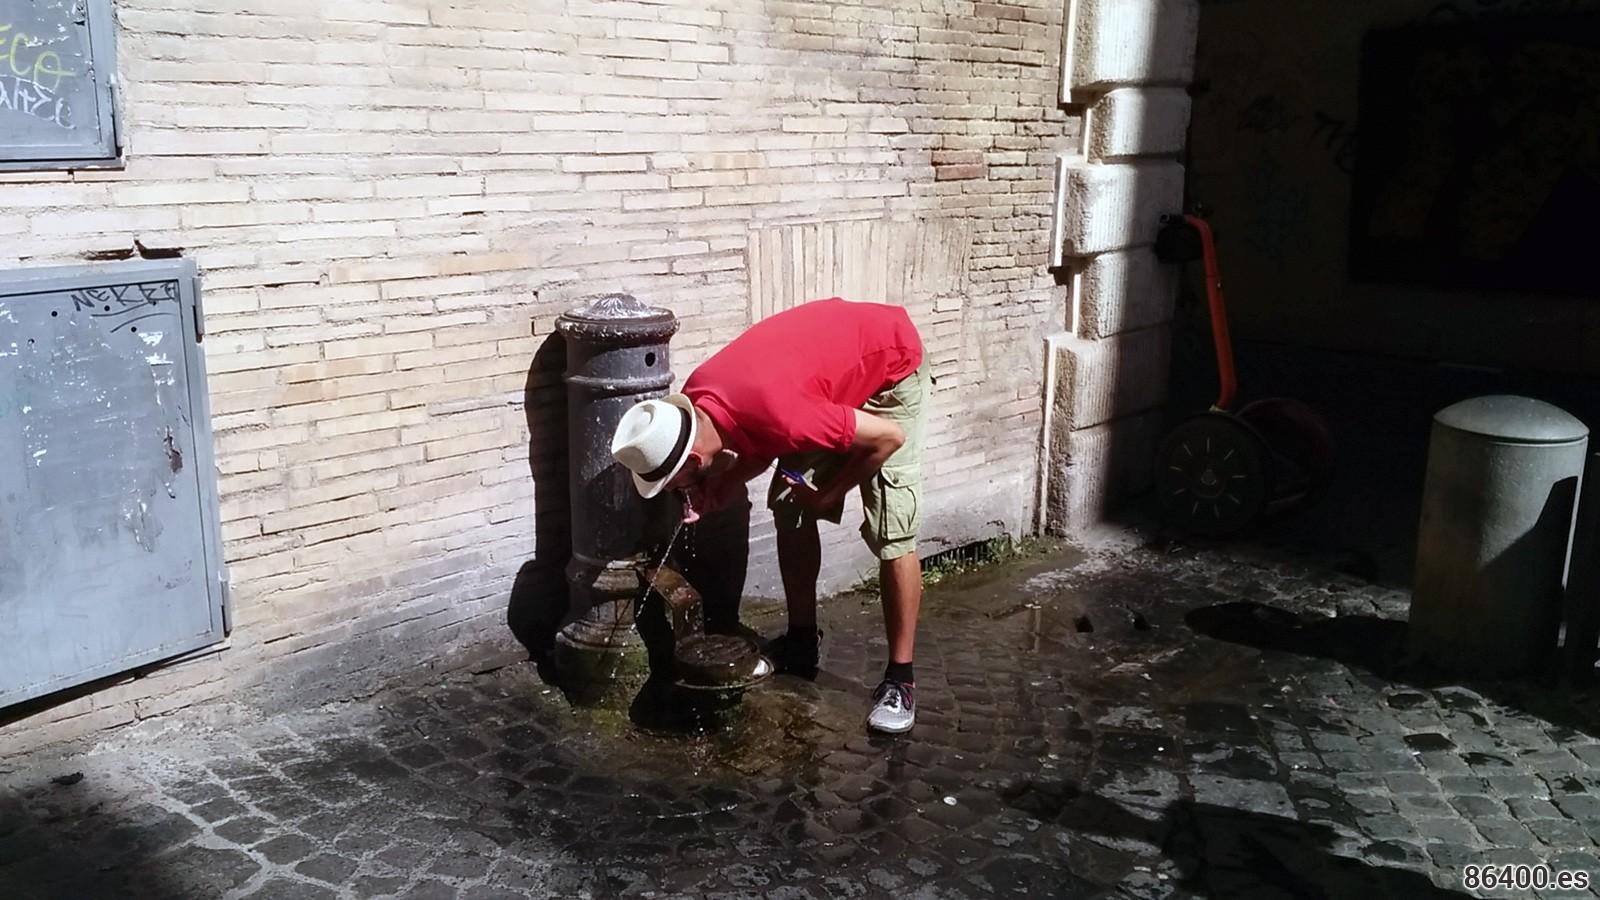 Gianluca haciendo una demostración de cómo se bebe de una fuente a la manera romana